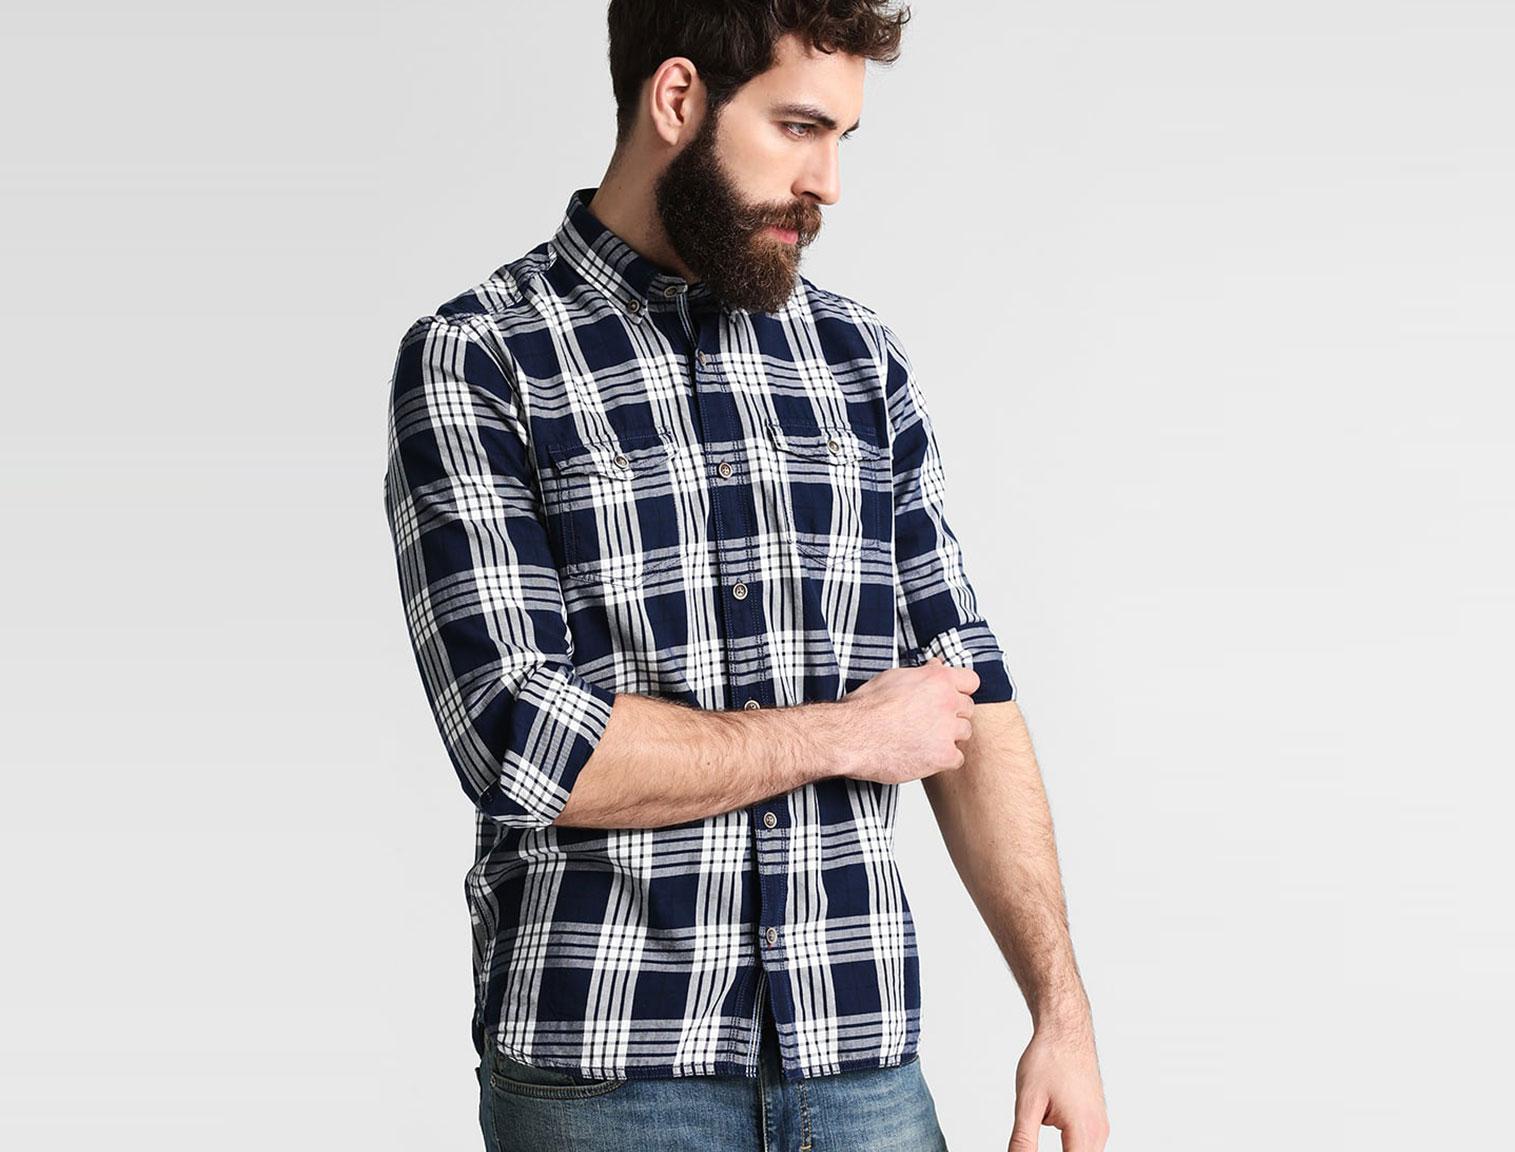 44ea00813505ac Koszula w kratę to must have w Twojej szafie | Zalando